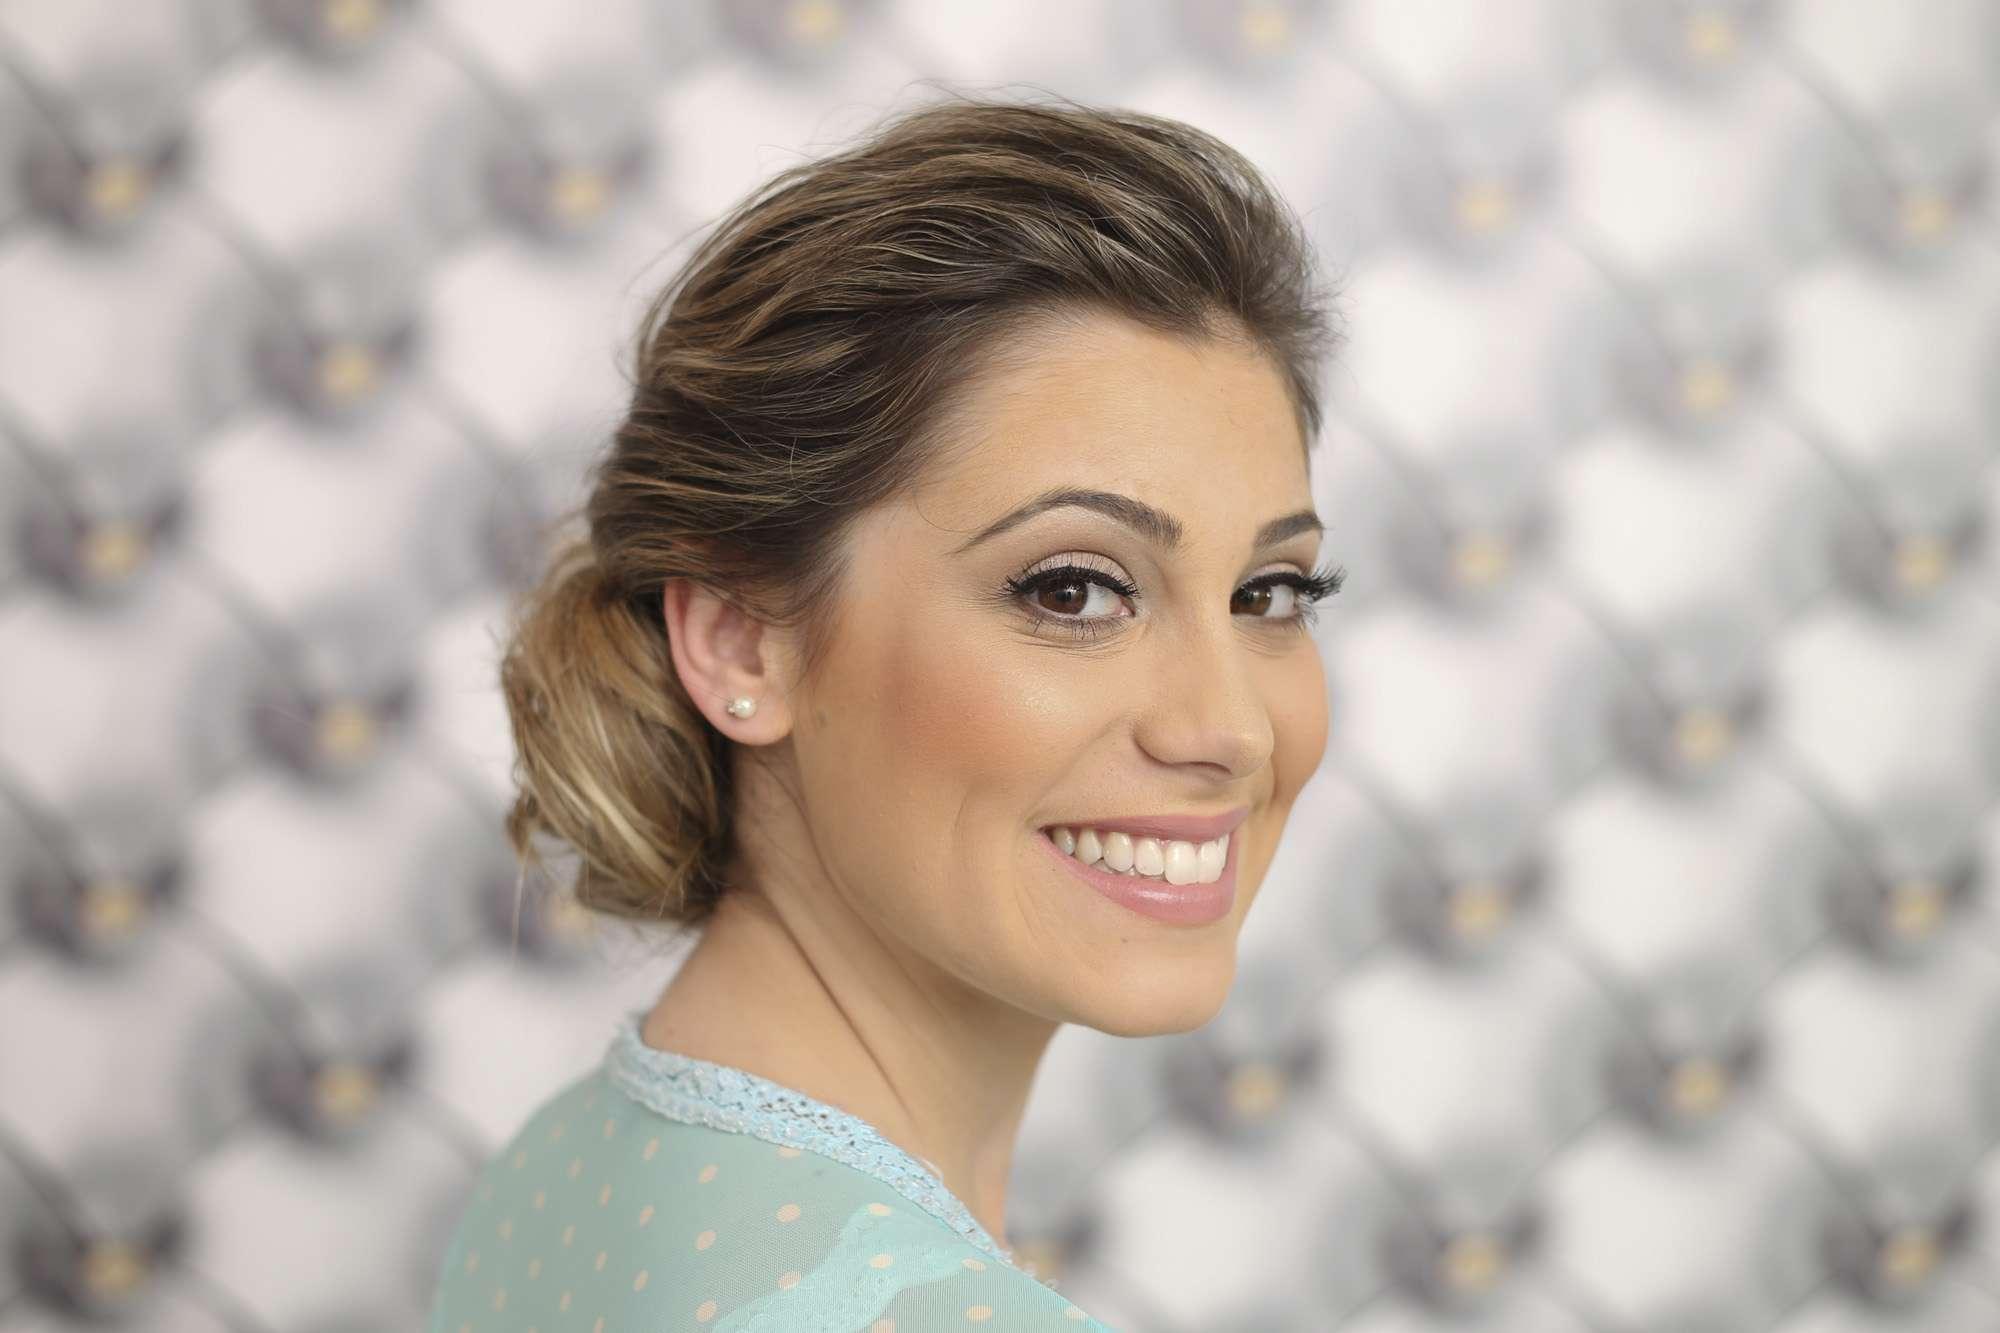 O penteado é prático, bonito e pode ser feito em qualquer cabelo Foto: Páprica Fotografia/Canarinho Press